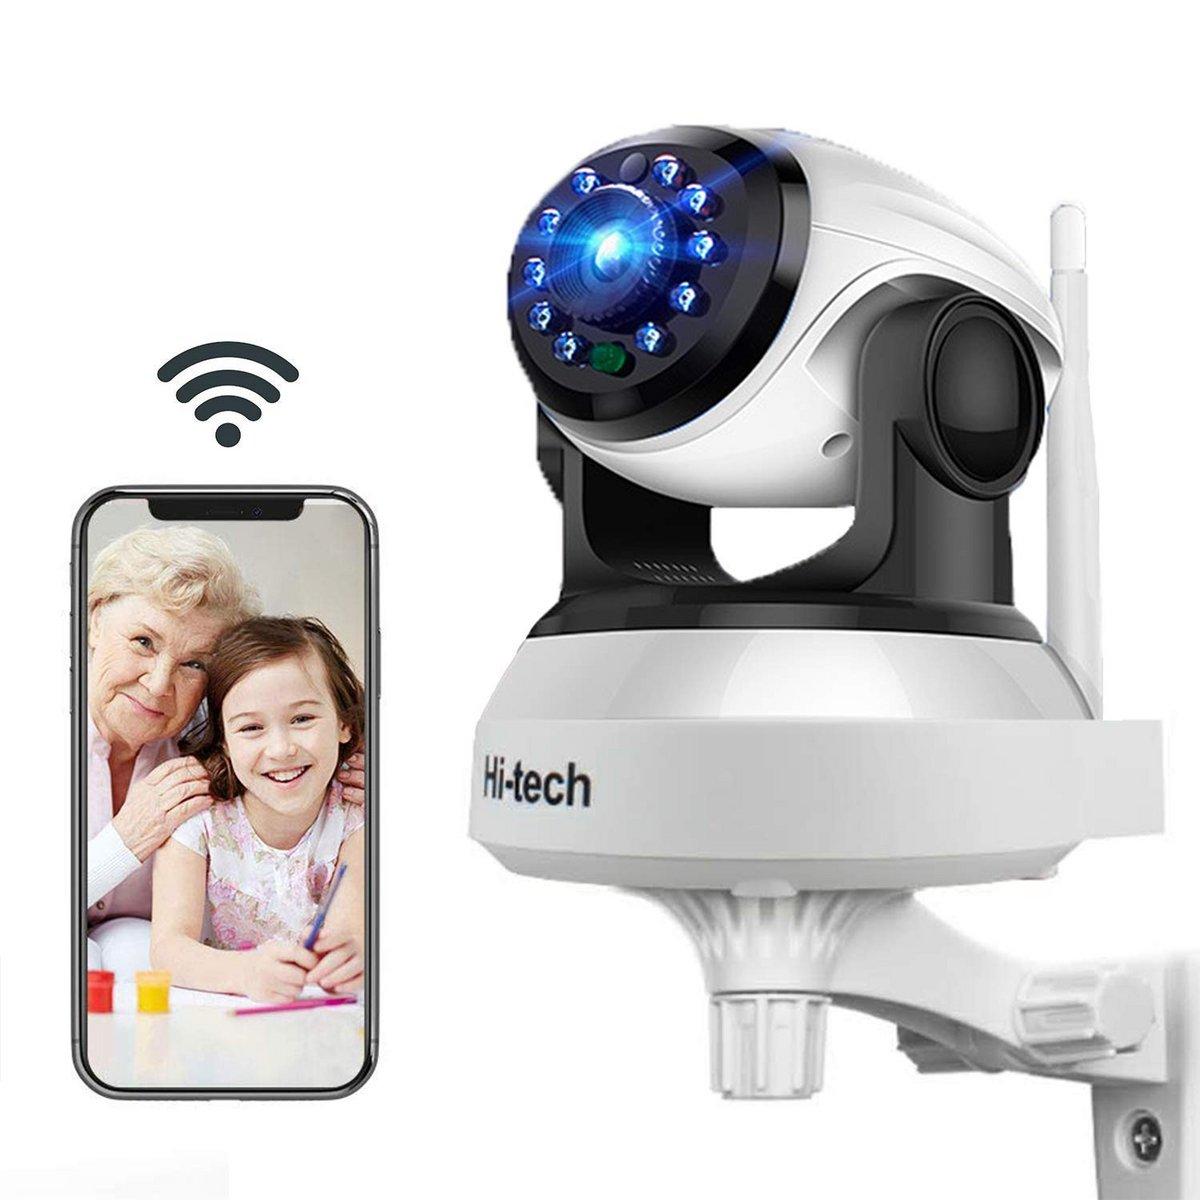 Caméra Wi-Fi Hi-tech